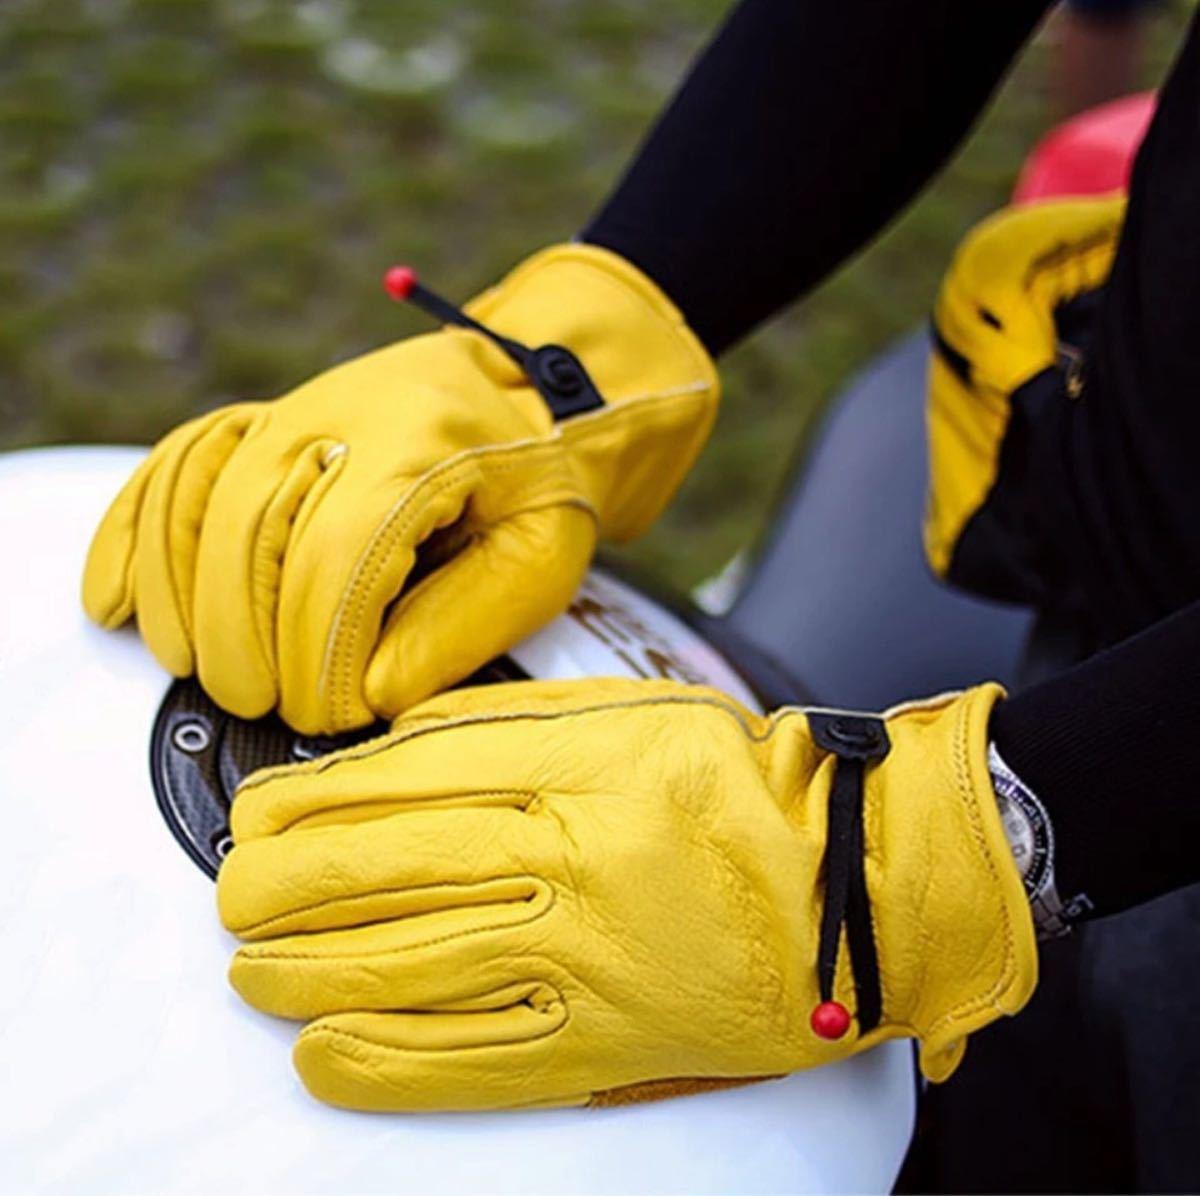 革手袋 アウトドア キャンプ ツーリング 男女兼用 サイズL 作業 バイク 焚火 レザーグローブ ハーレー グローブ 手袋